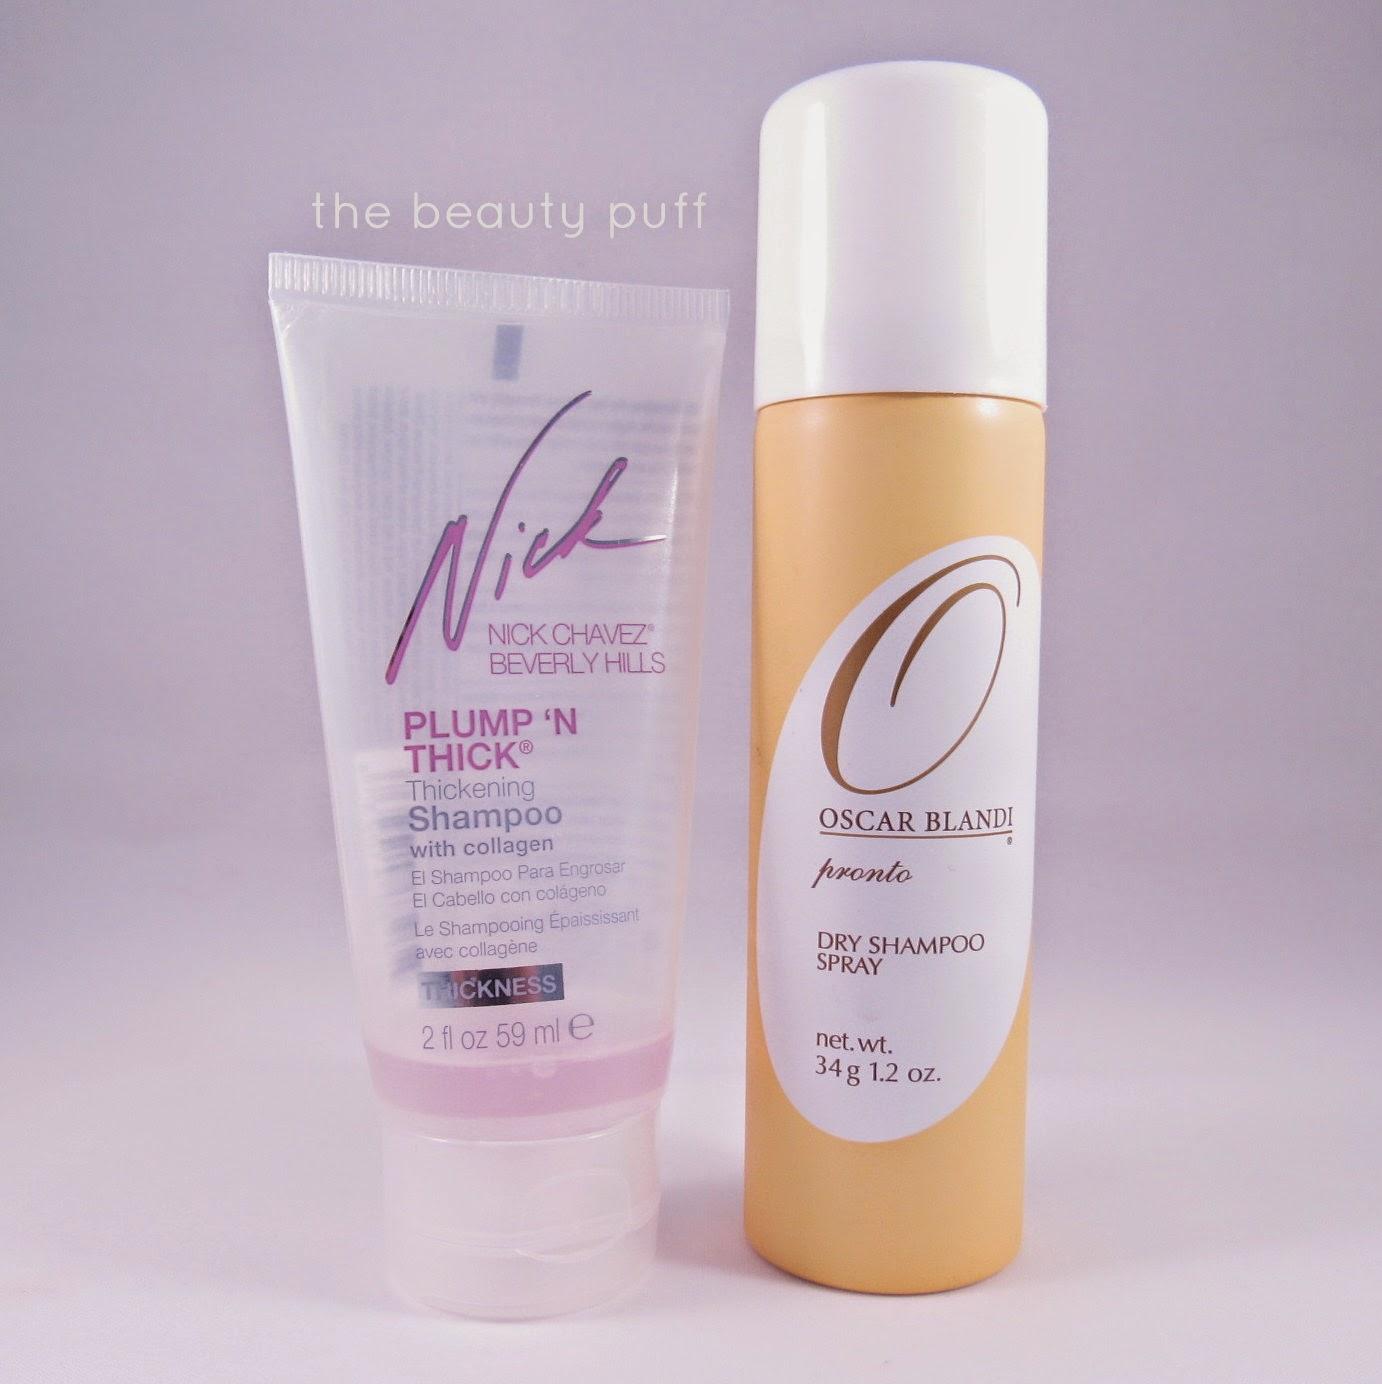 nick chavez shampoo oscar blandi dry shampoo - the beauty puff